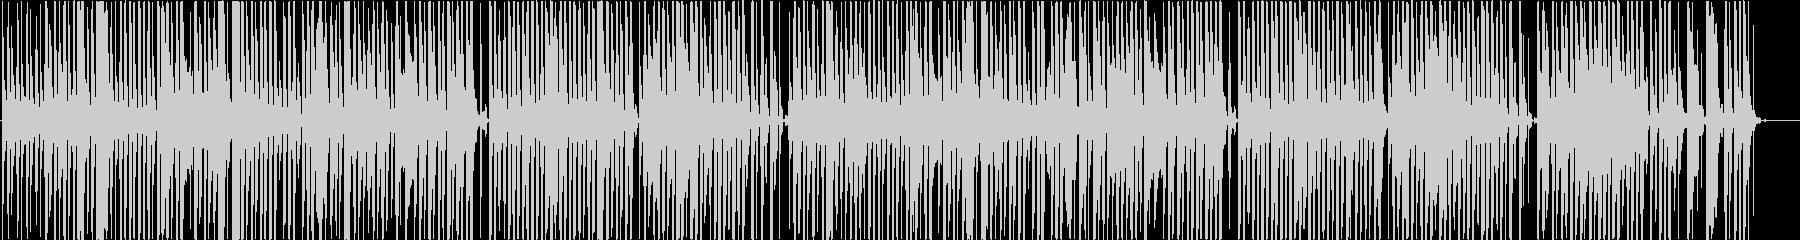 リコーダーのおどけた雰囲気の温かい楽曲の未再生の波形